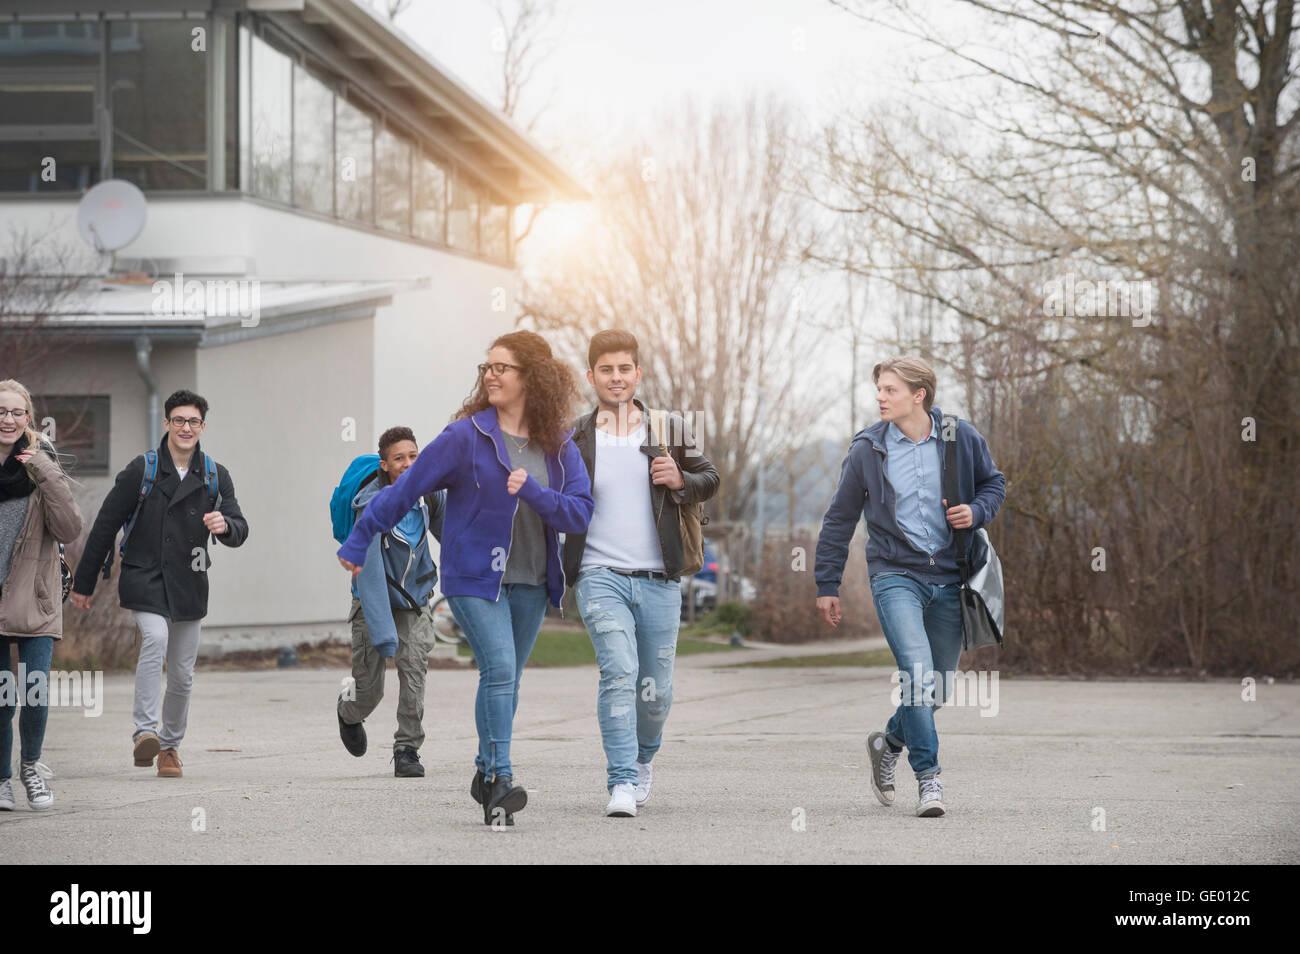 Estudiantes universitarios dejando edificio escolar, Baviera, Alemania Imagen De Stock